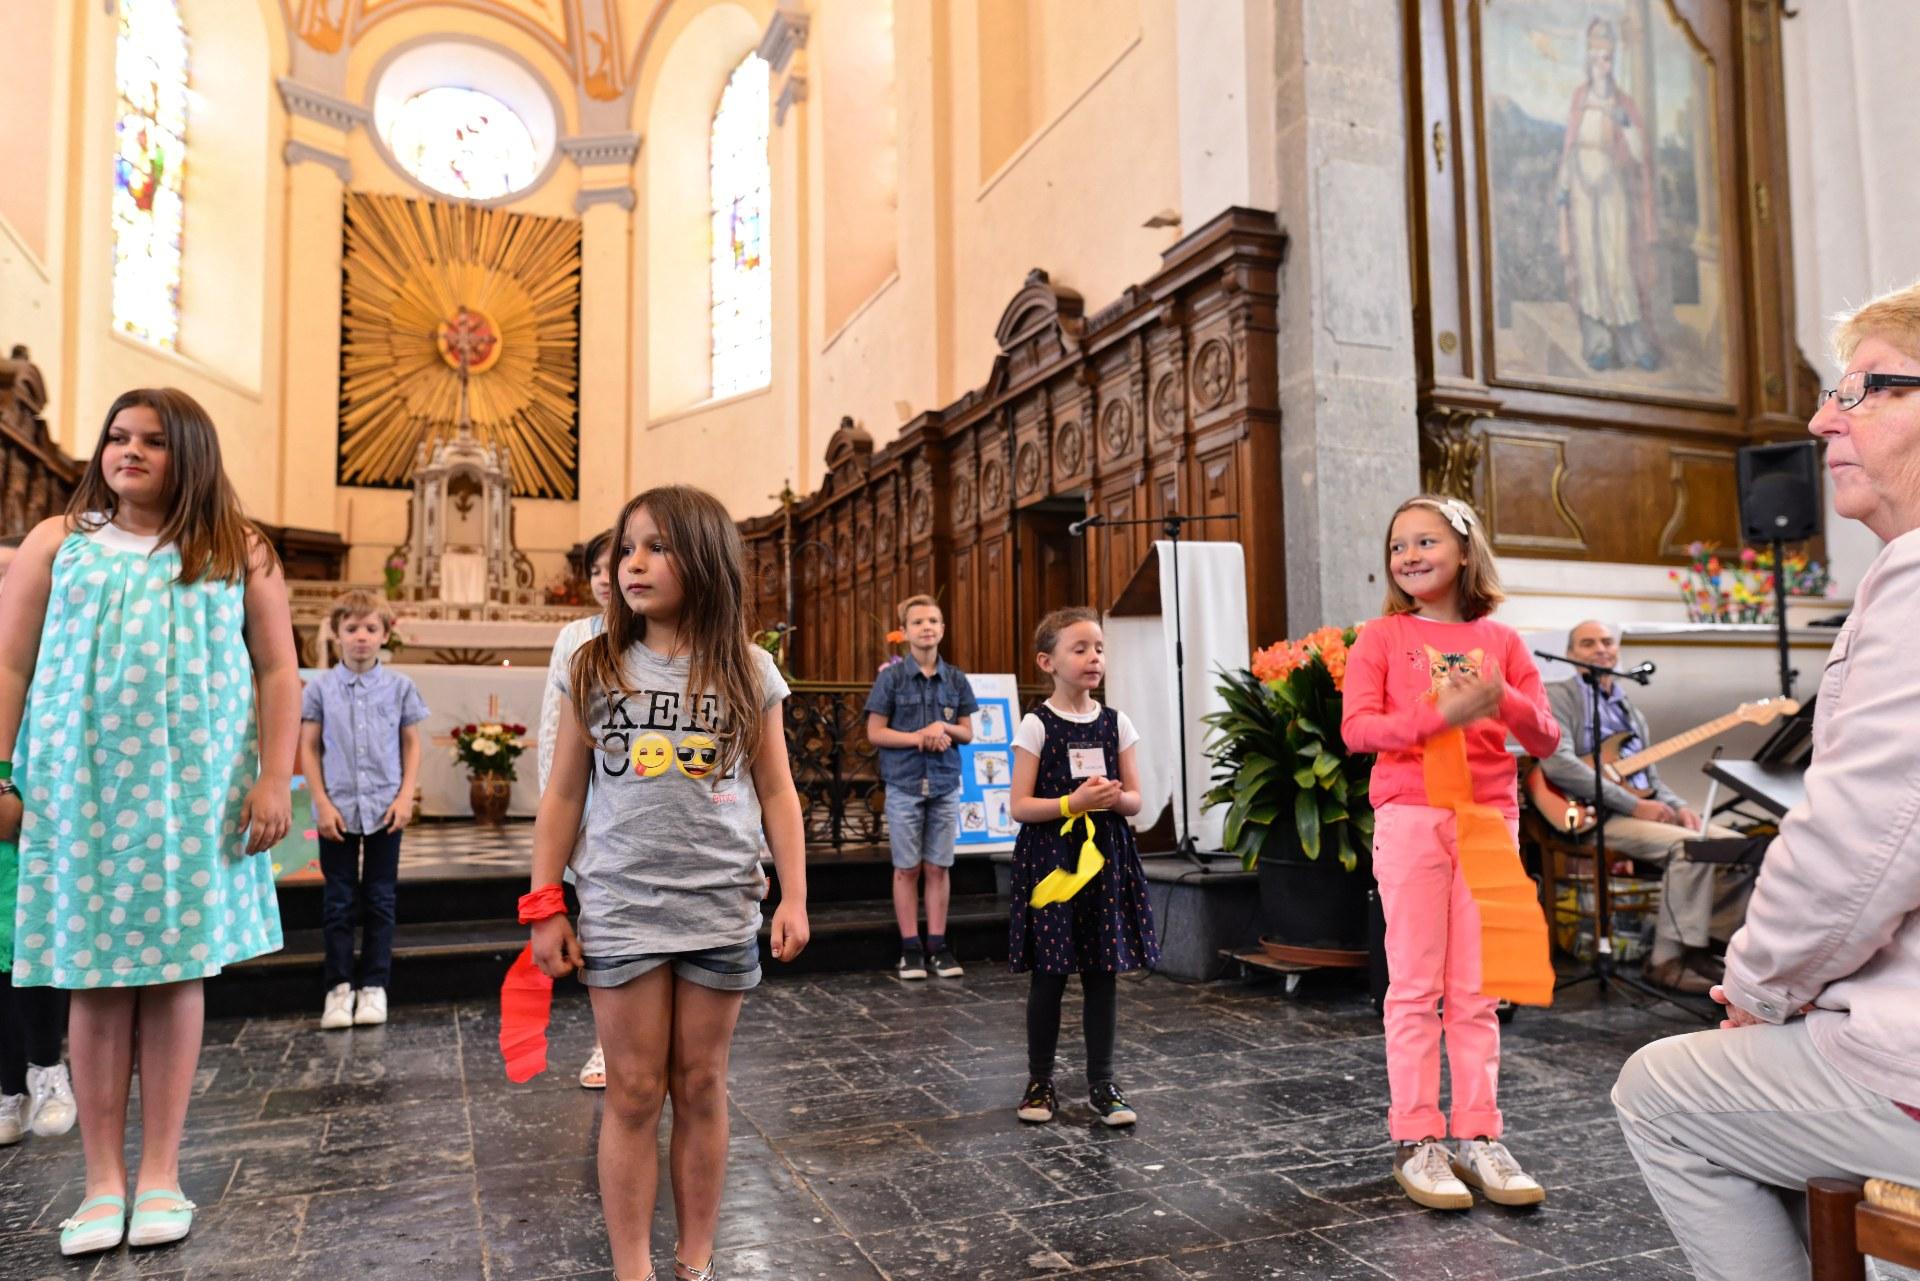 21 05 2017 Fete paroisse Bavay (05)